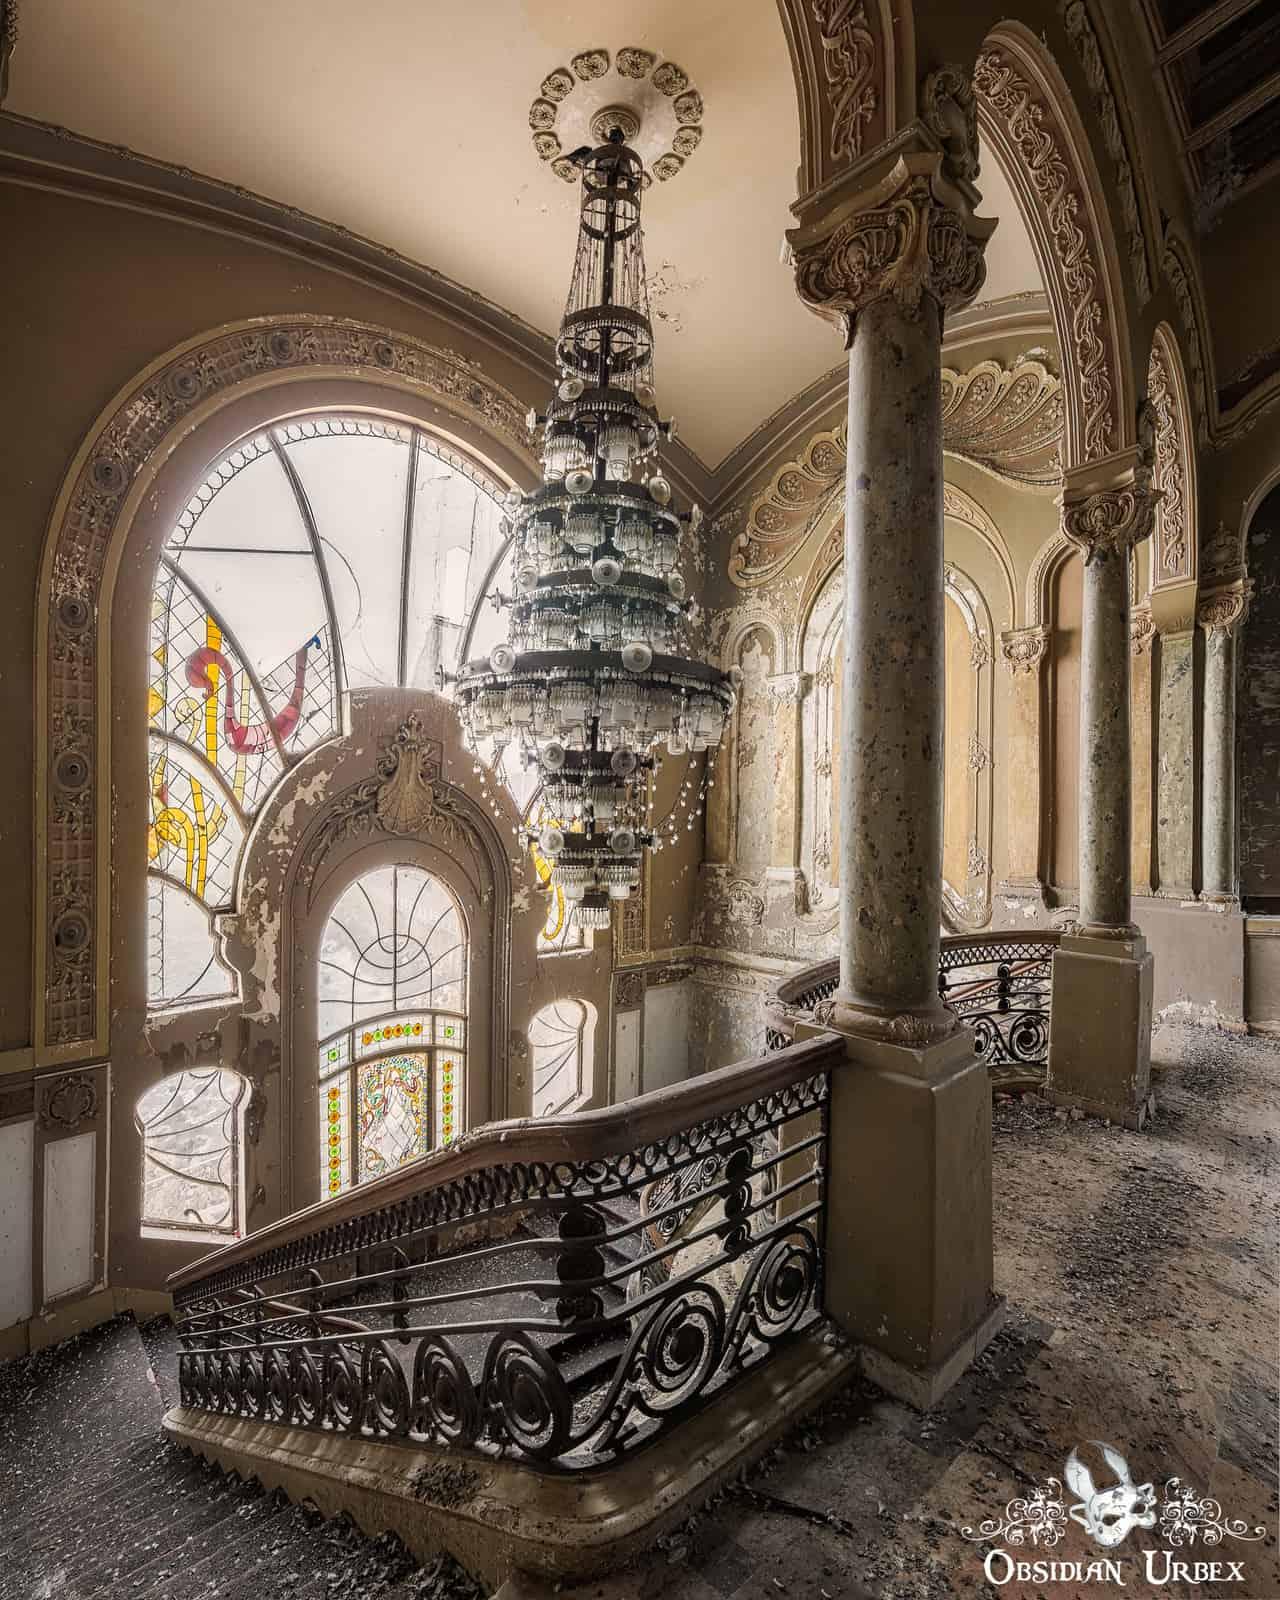 Casino Royale Romania Obsidian Urbex Photography